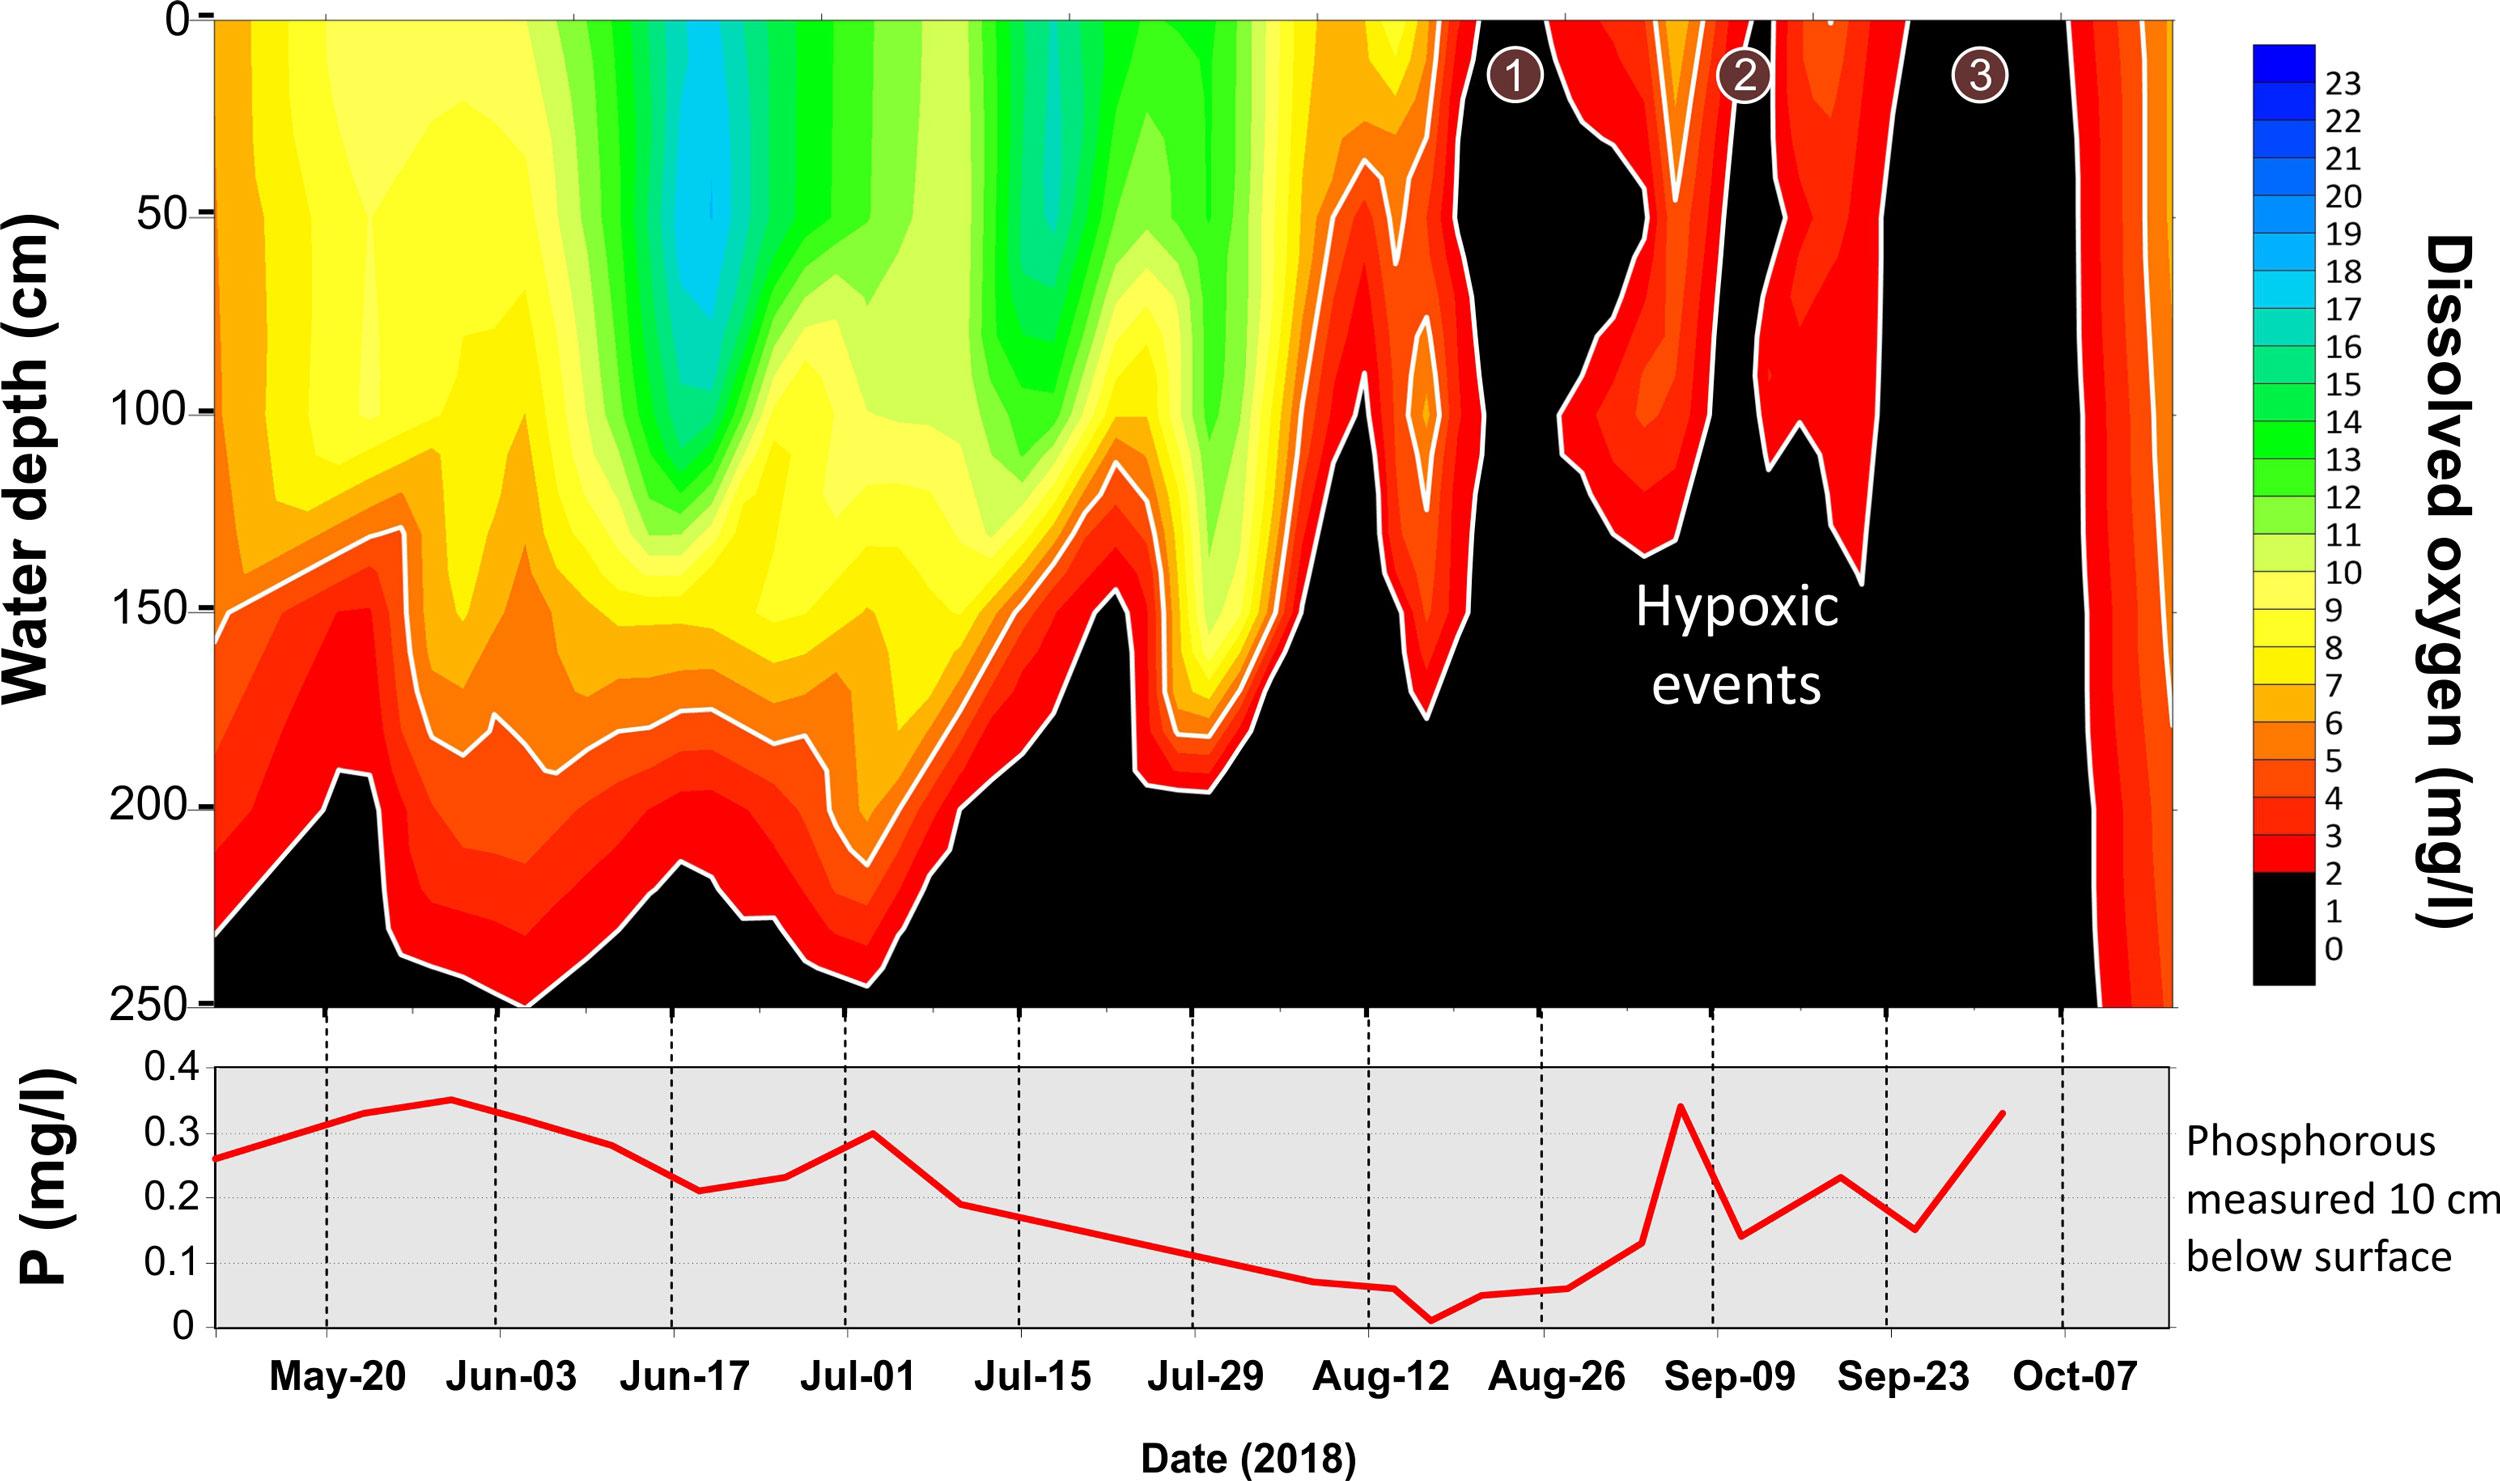 Figure 1 chart